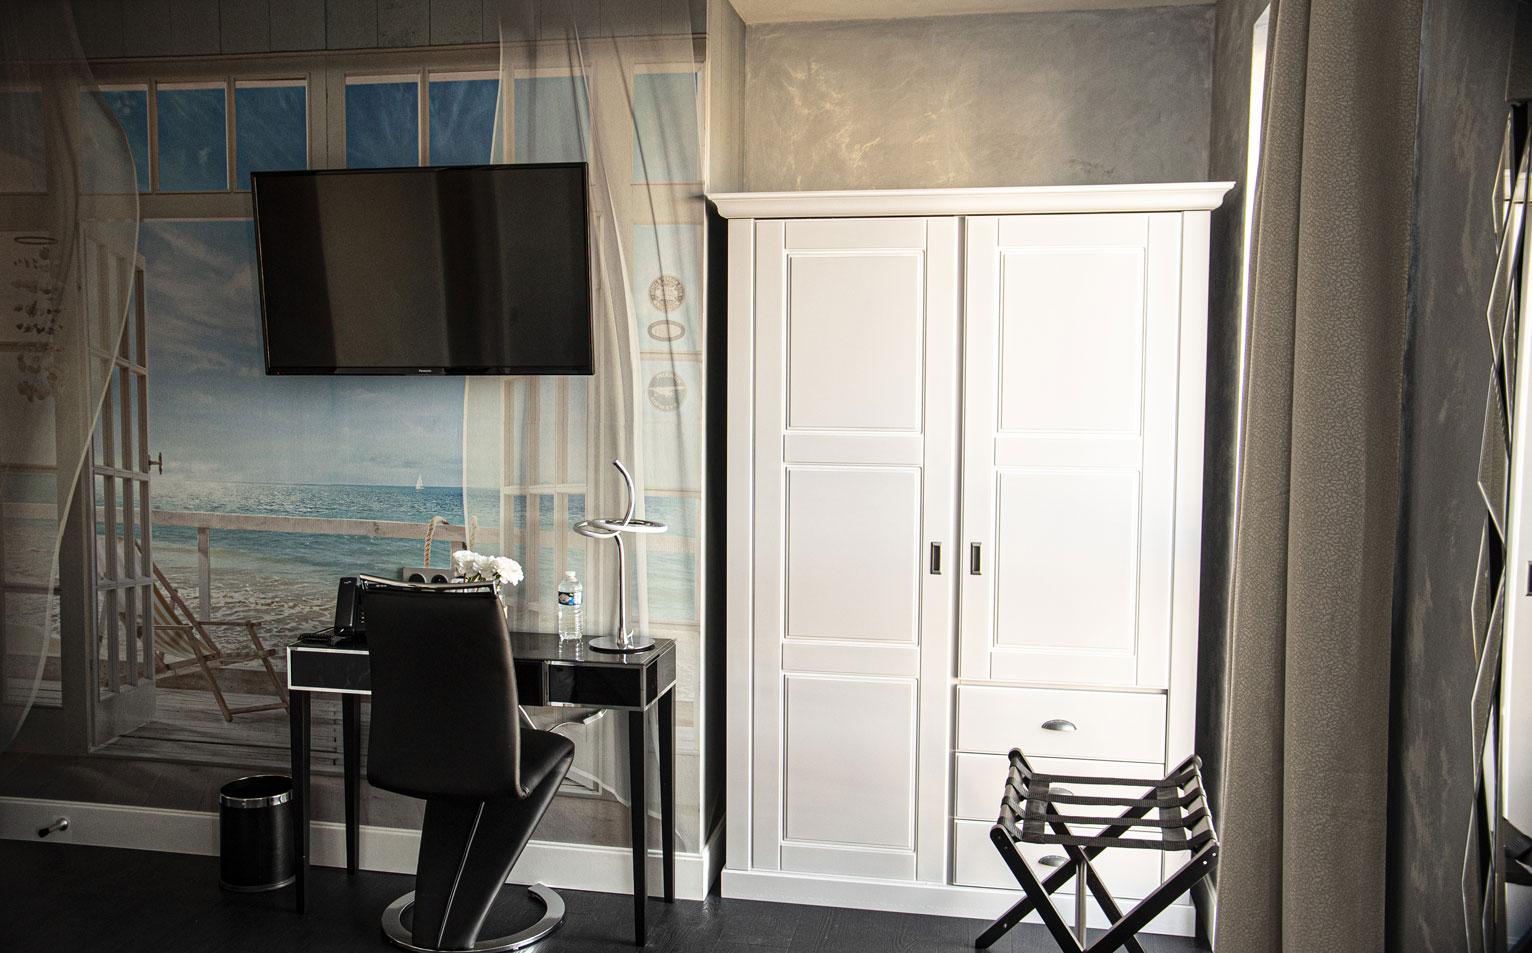 Chambre standard armoire table télévision chaise | Amirauté Hôtel La Baule